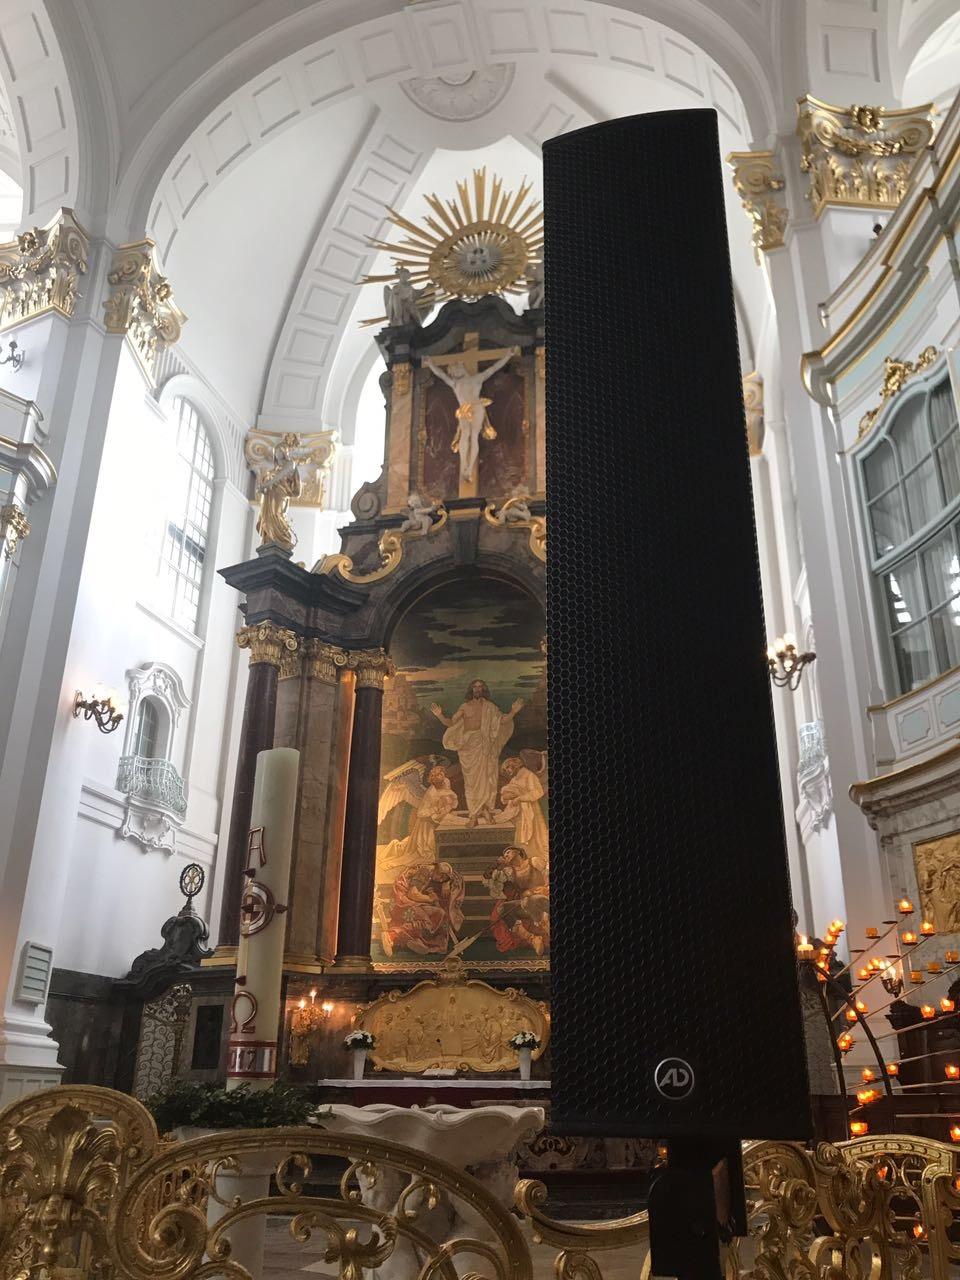 MoGo 2017 Innenansicht des Altars und eines TouringSticks